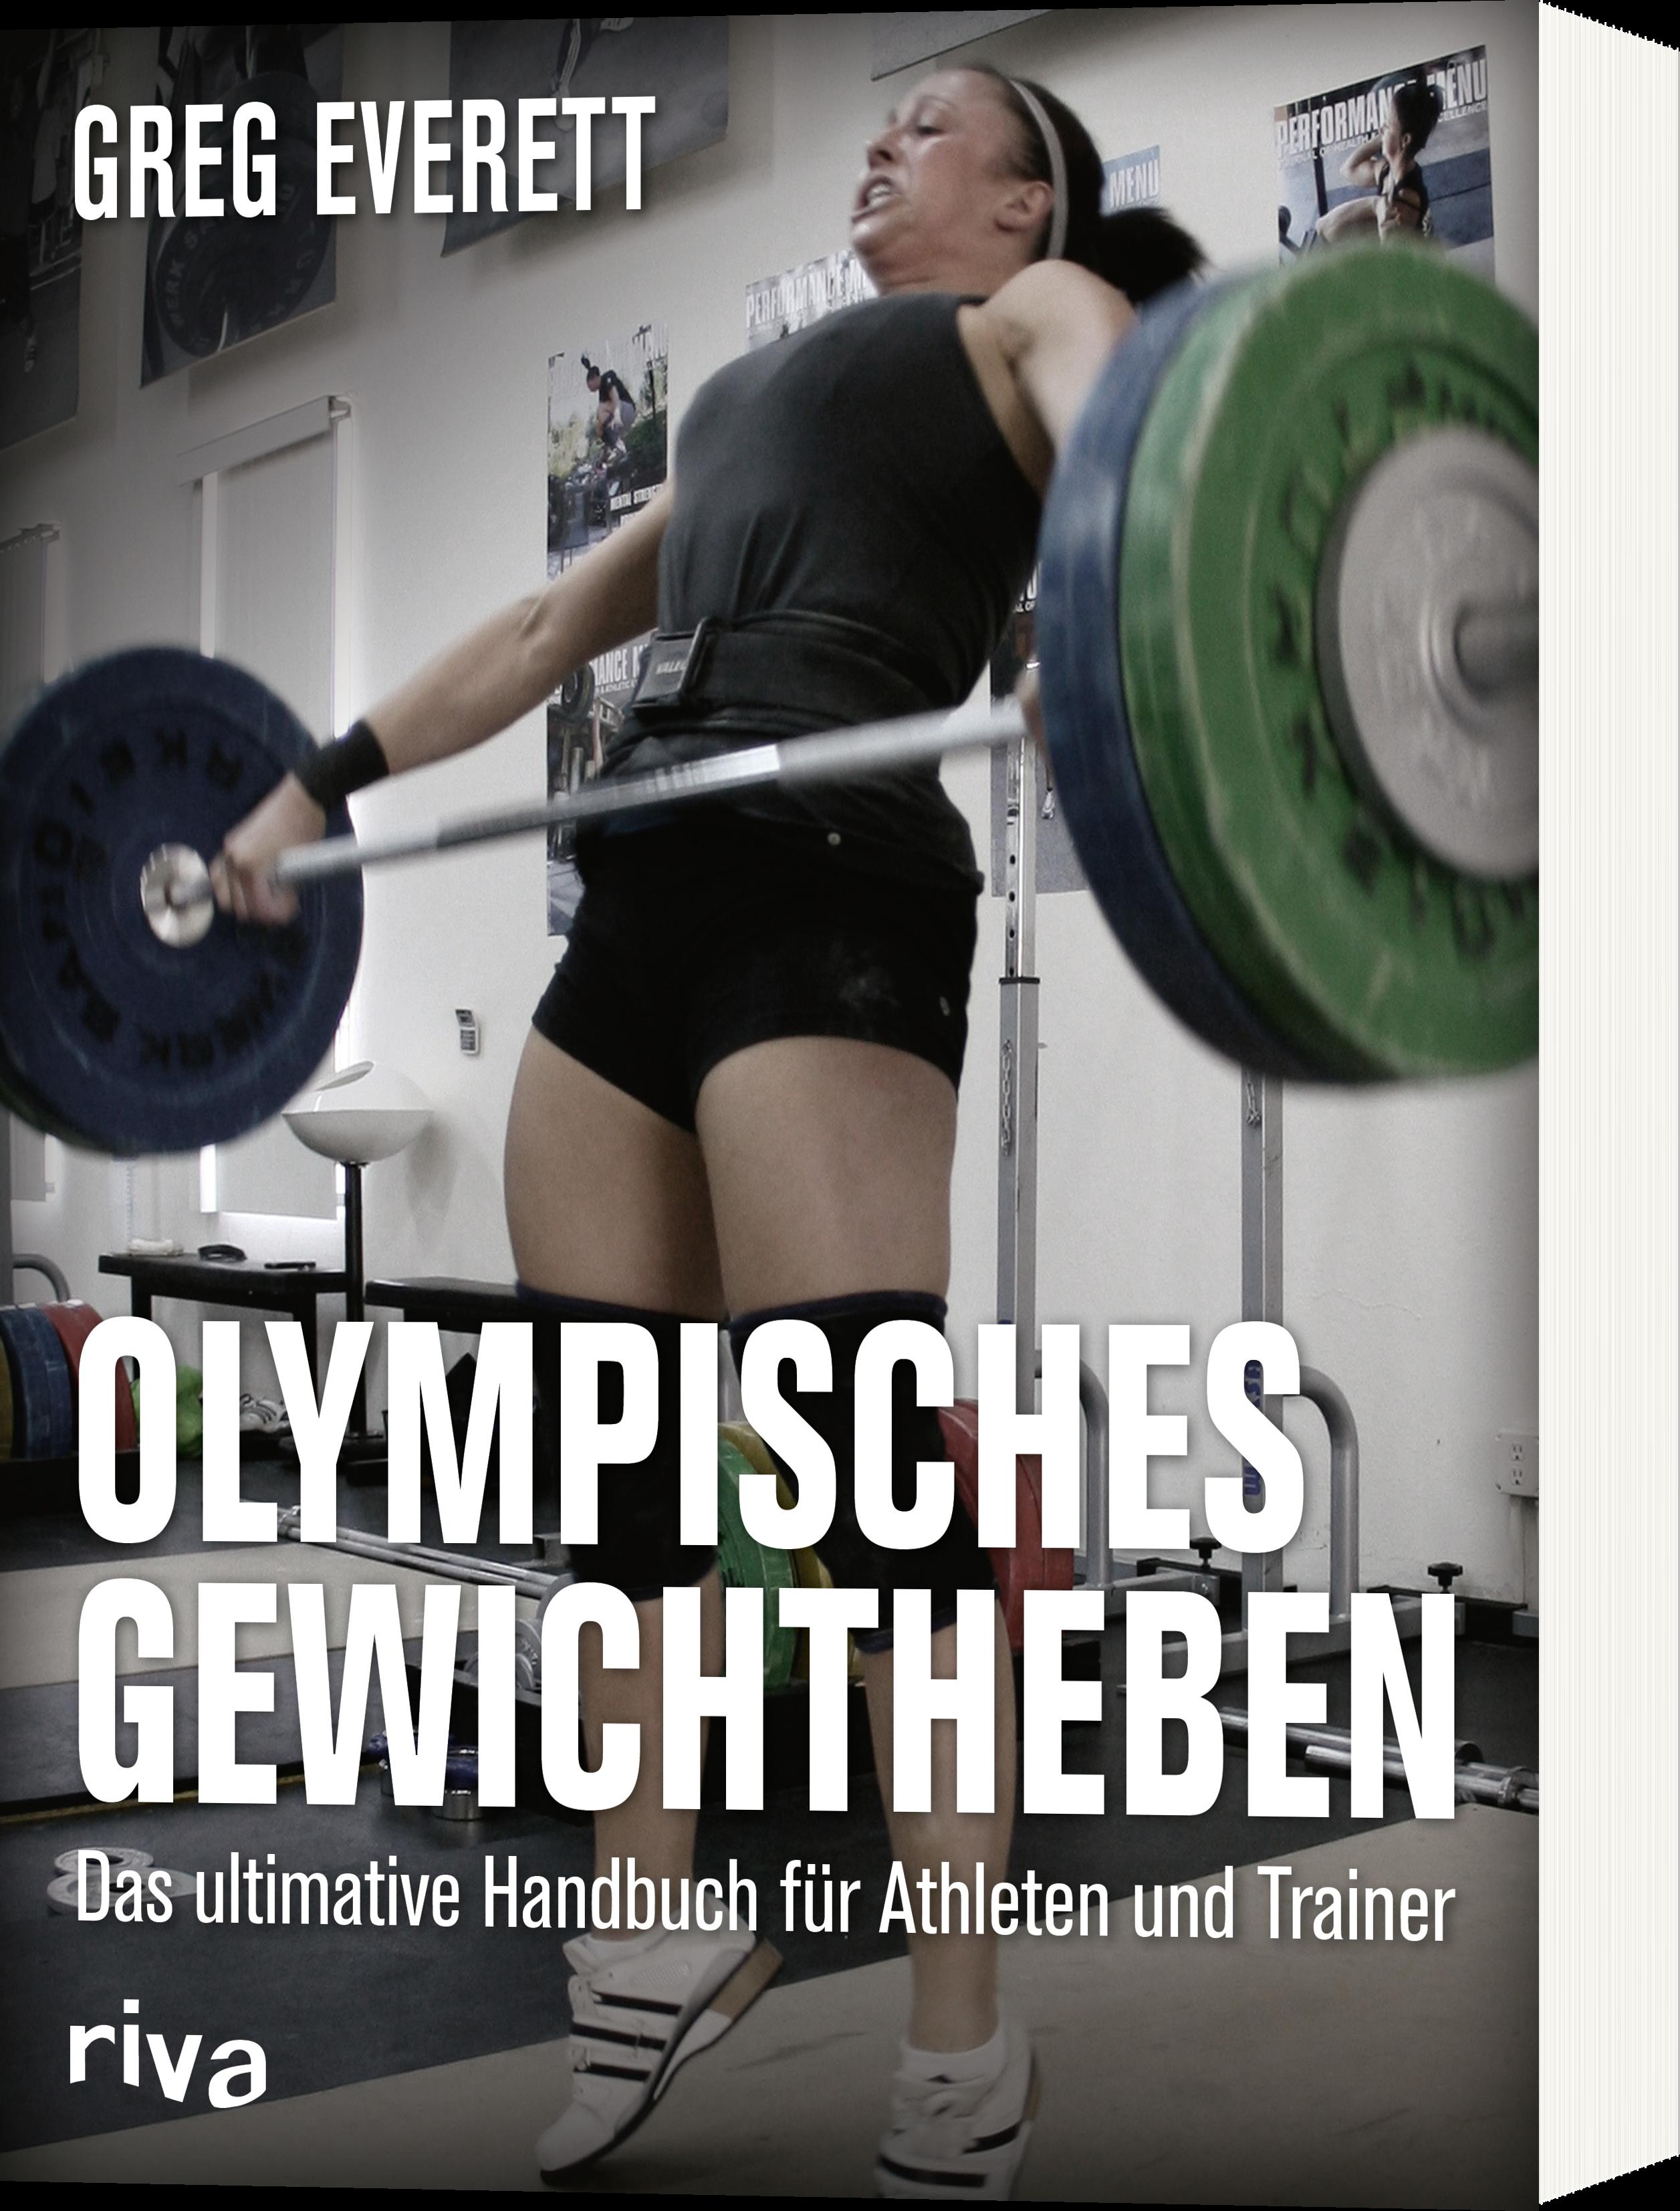 Olympisches Gewichtheben - Das ultimative Handbuch für